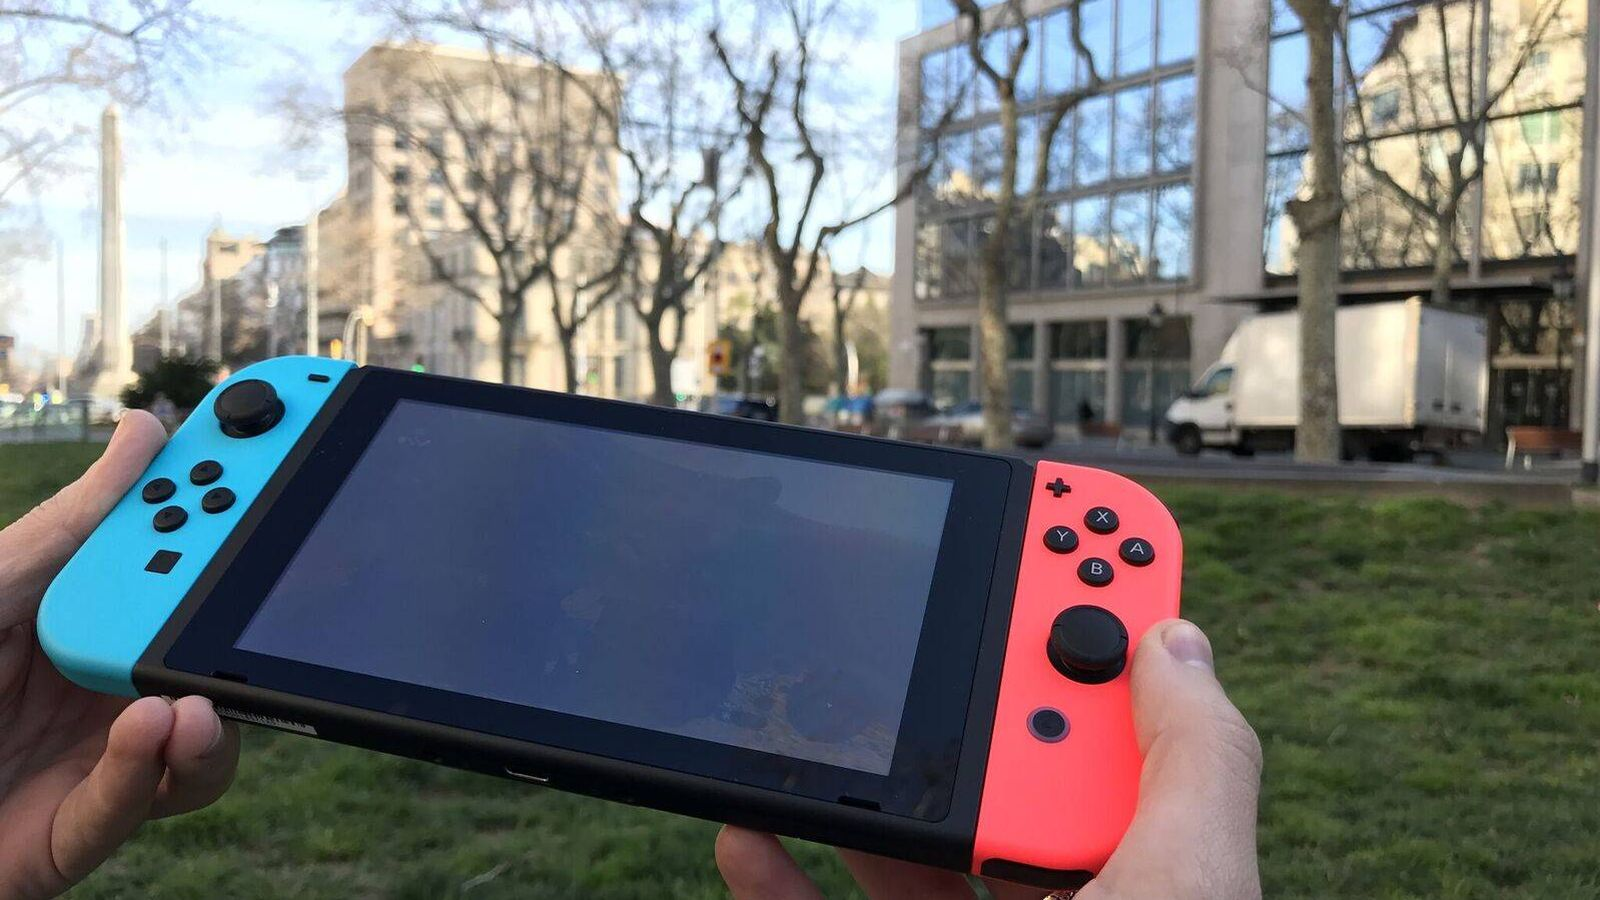 Videojuegos 48 Horas Con La Nintendo Switch Esta Es La Consola Que